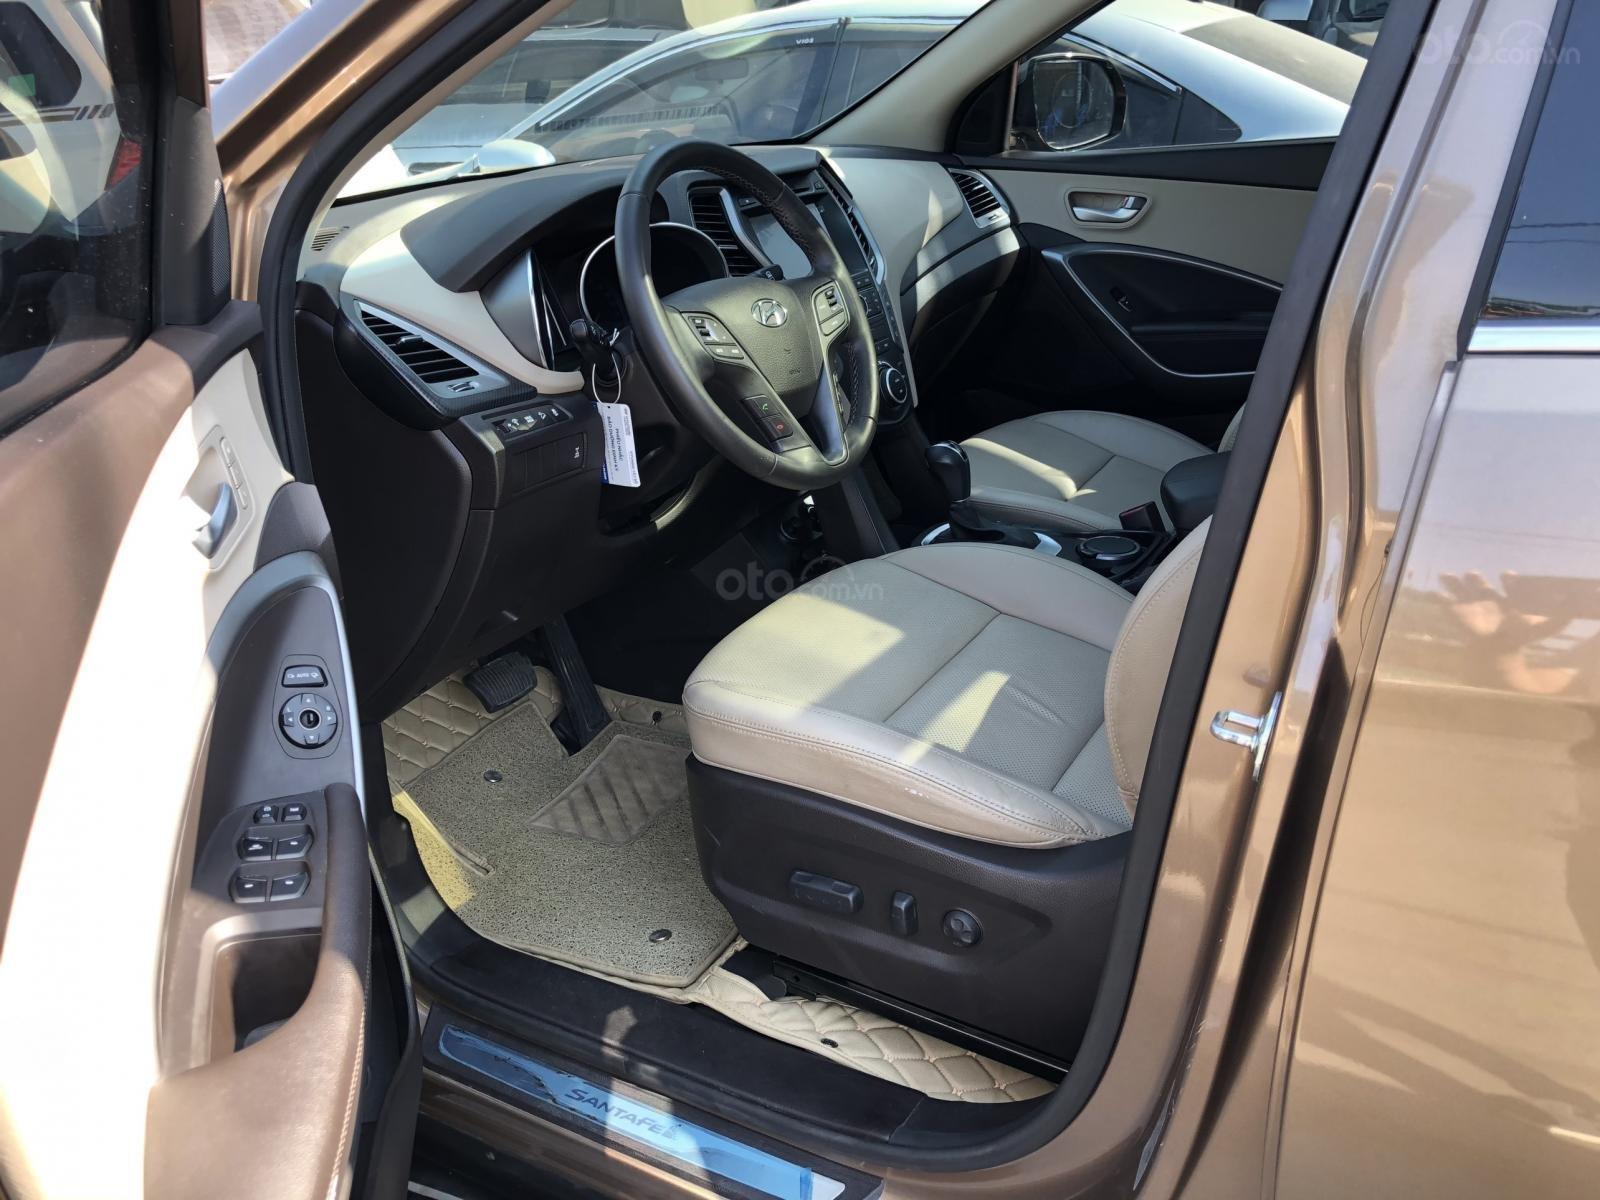 Bán Hyundai Santa Fe 2.2 4WD năm sản xuất 2016, màu nâu, trả góp (2)